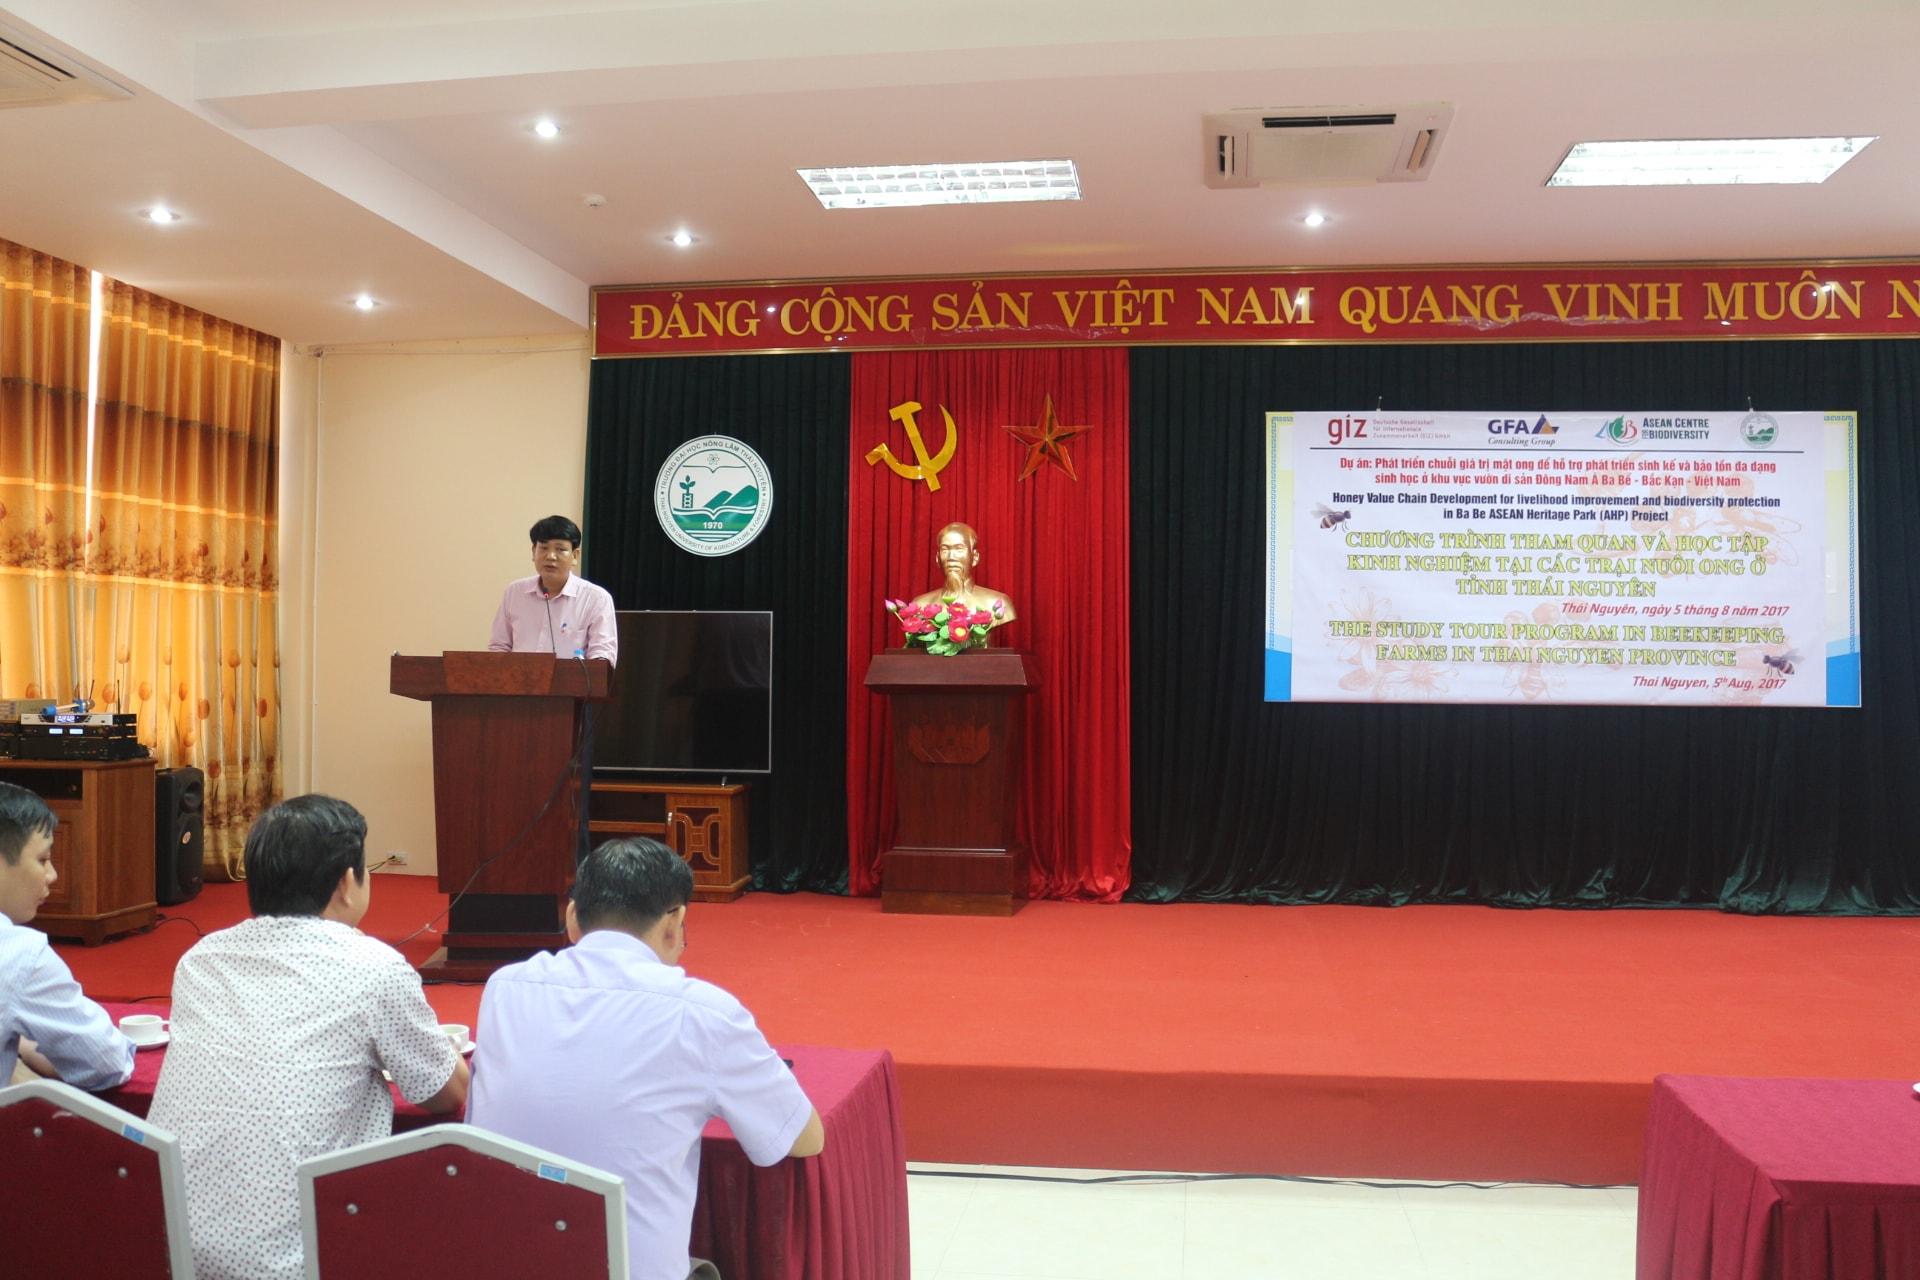 Ông Nguyễn Văn Hiểu - Giám đốc phụ trách dự án, phát biểu giới thiệu hội thảo